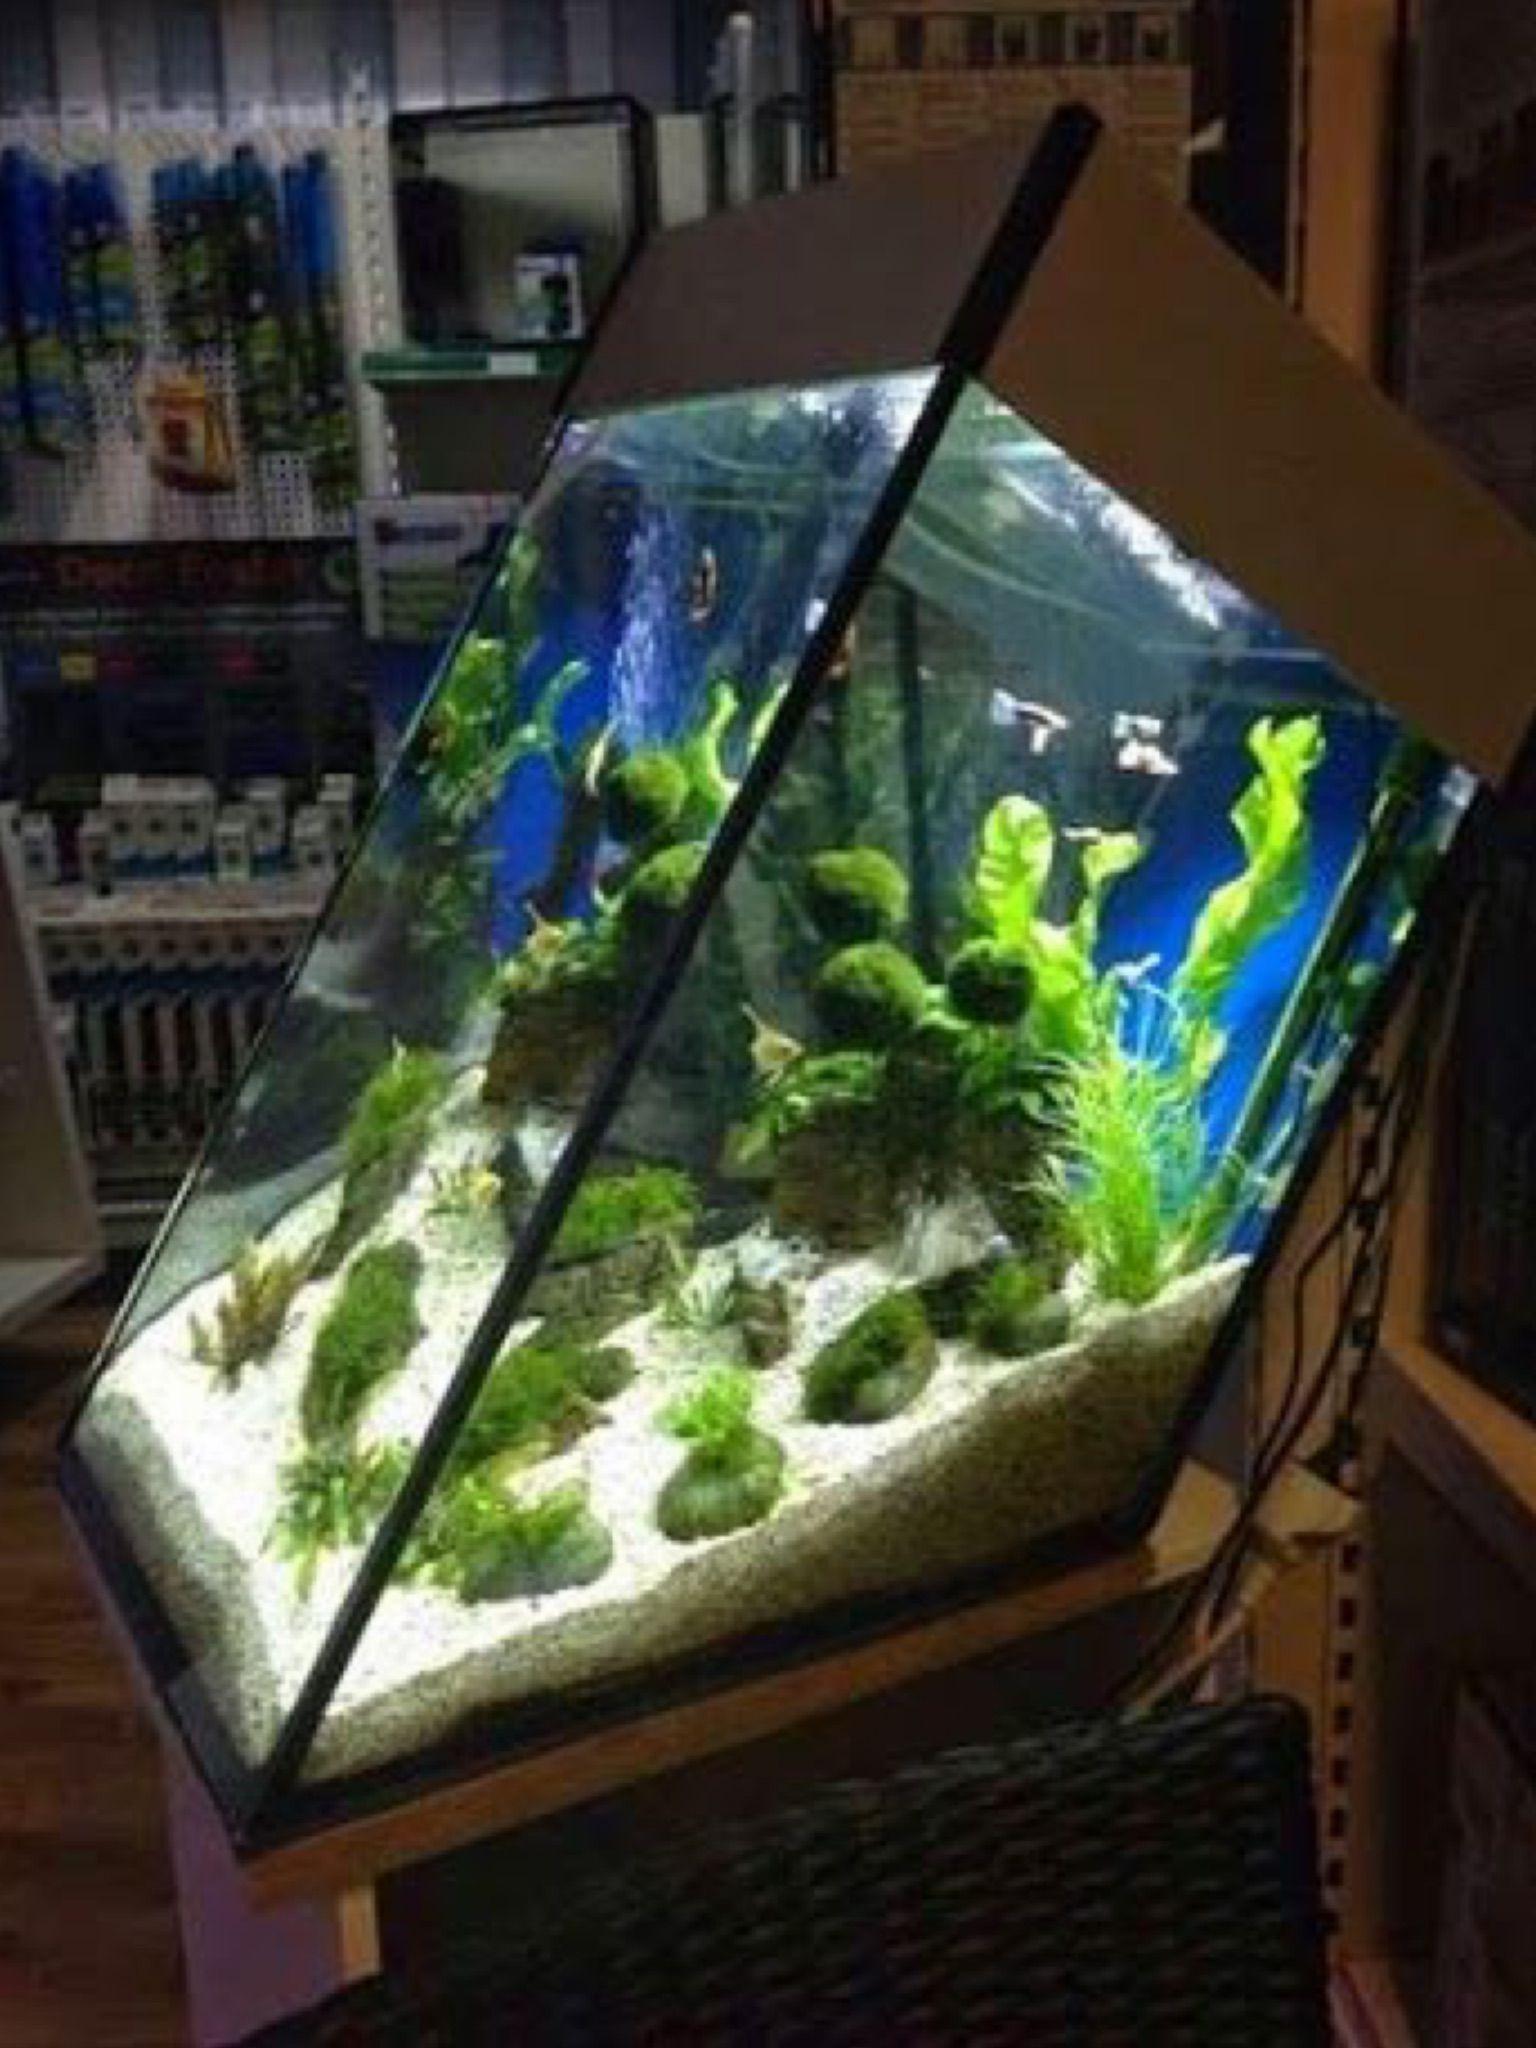 Home Aquarium Design Ideas: Aquarium Fish Tank, Saltwater